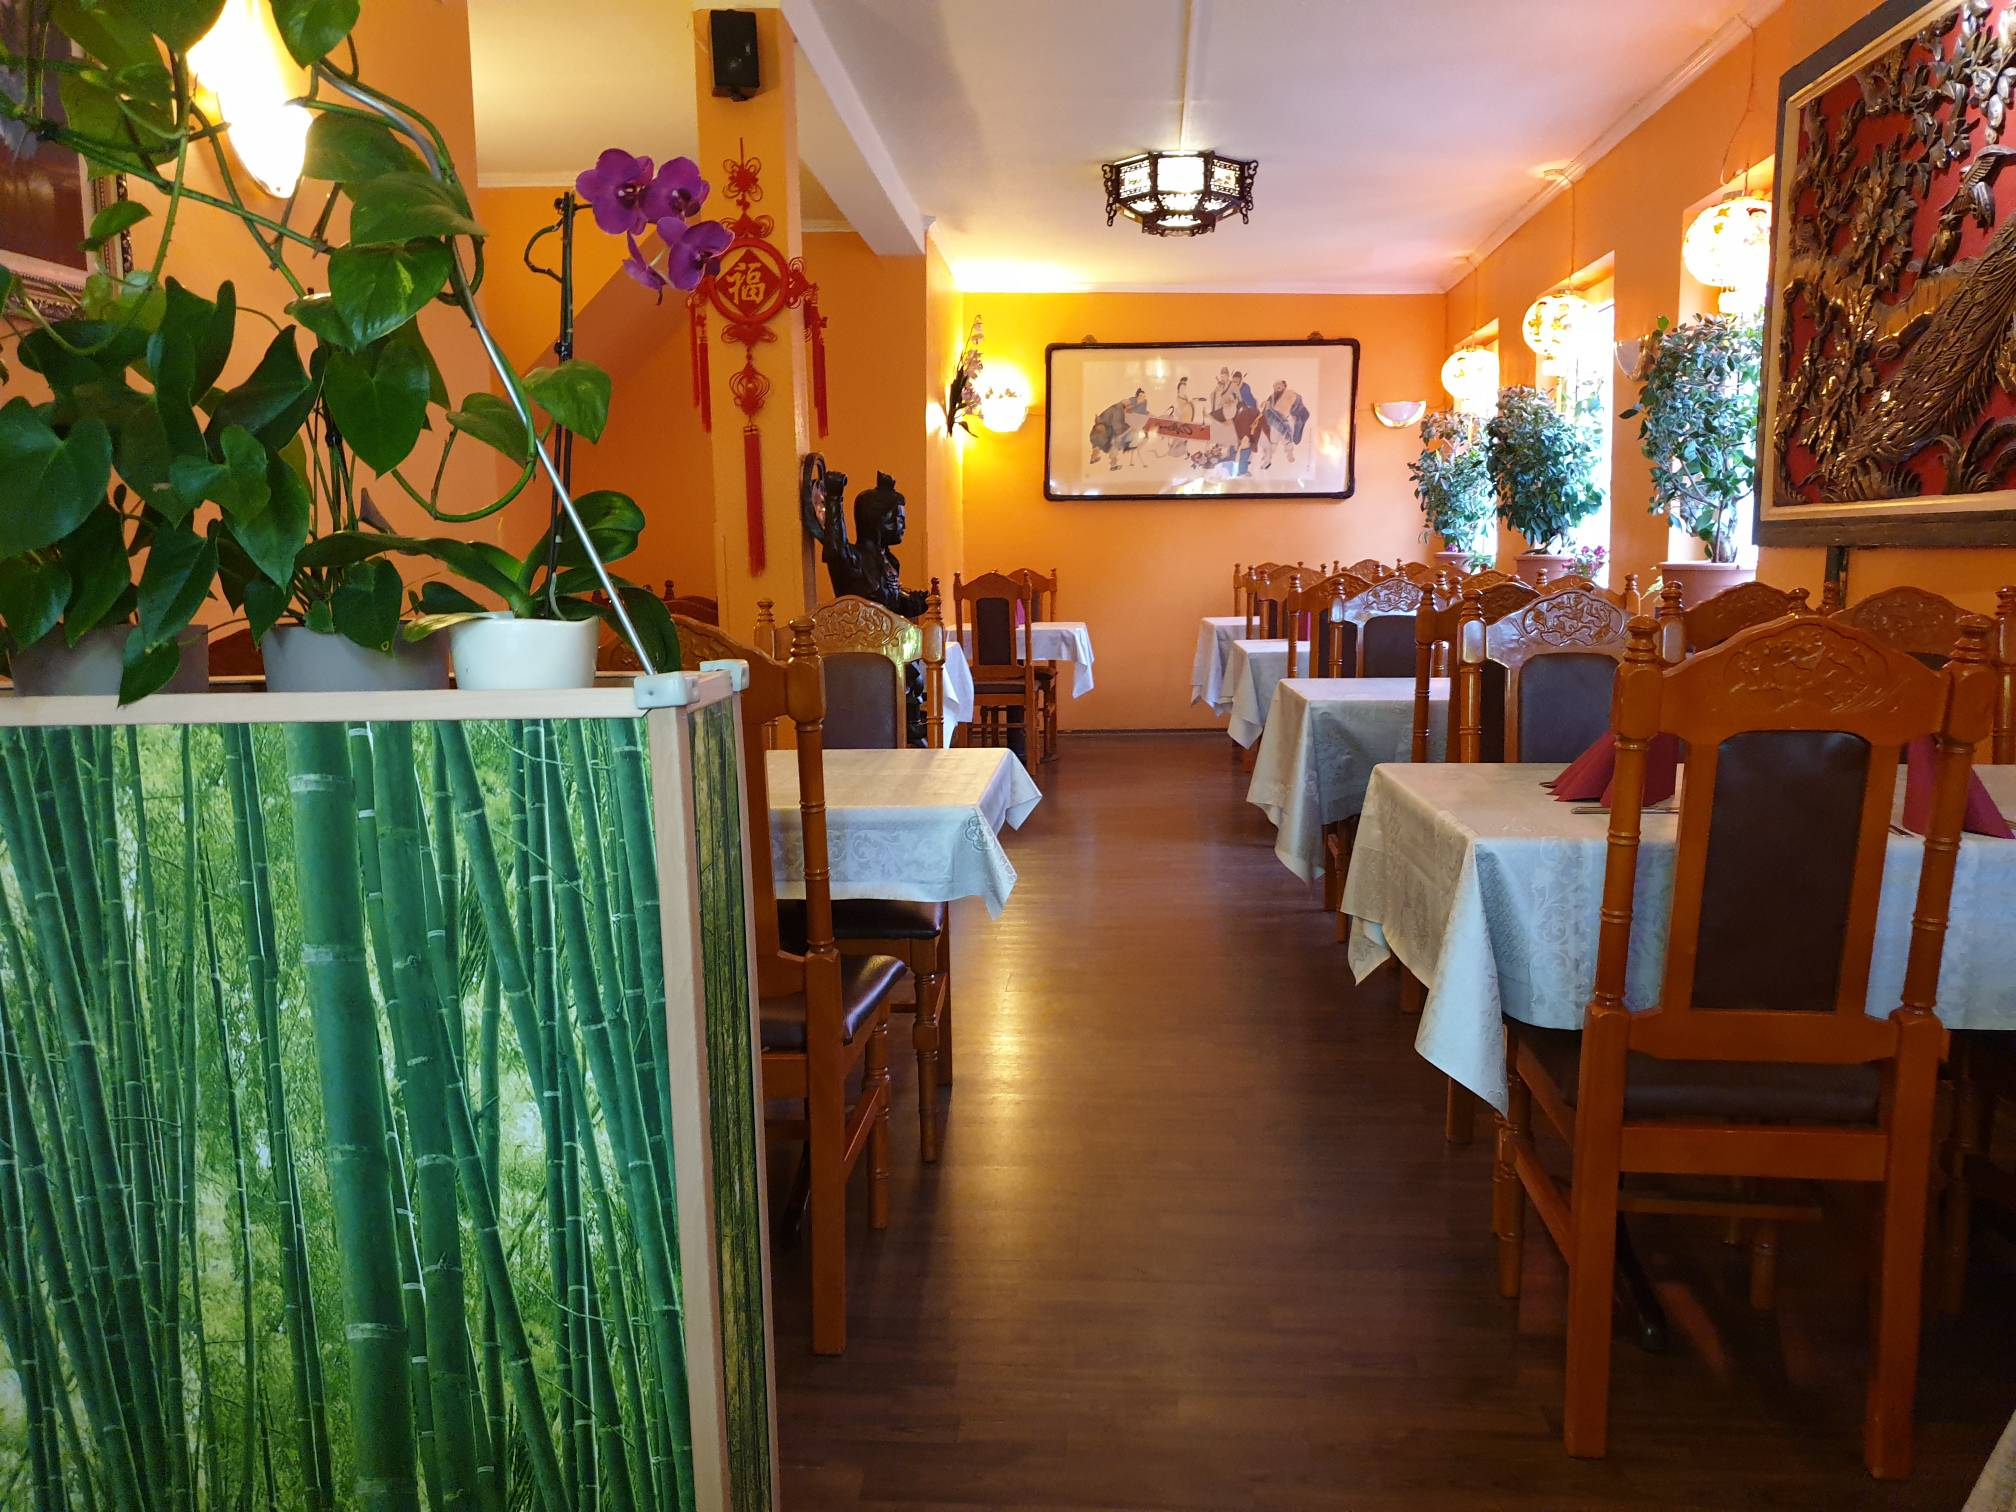 Asia Restaurant In Der Nahe Von Meinem Standort